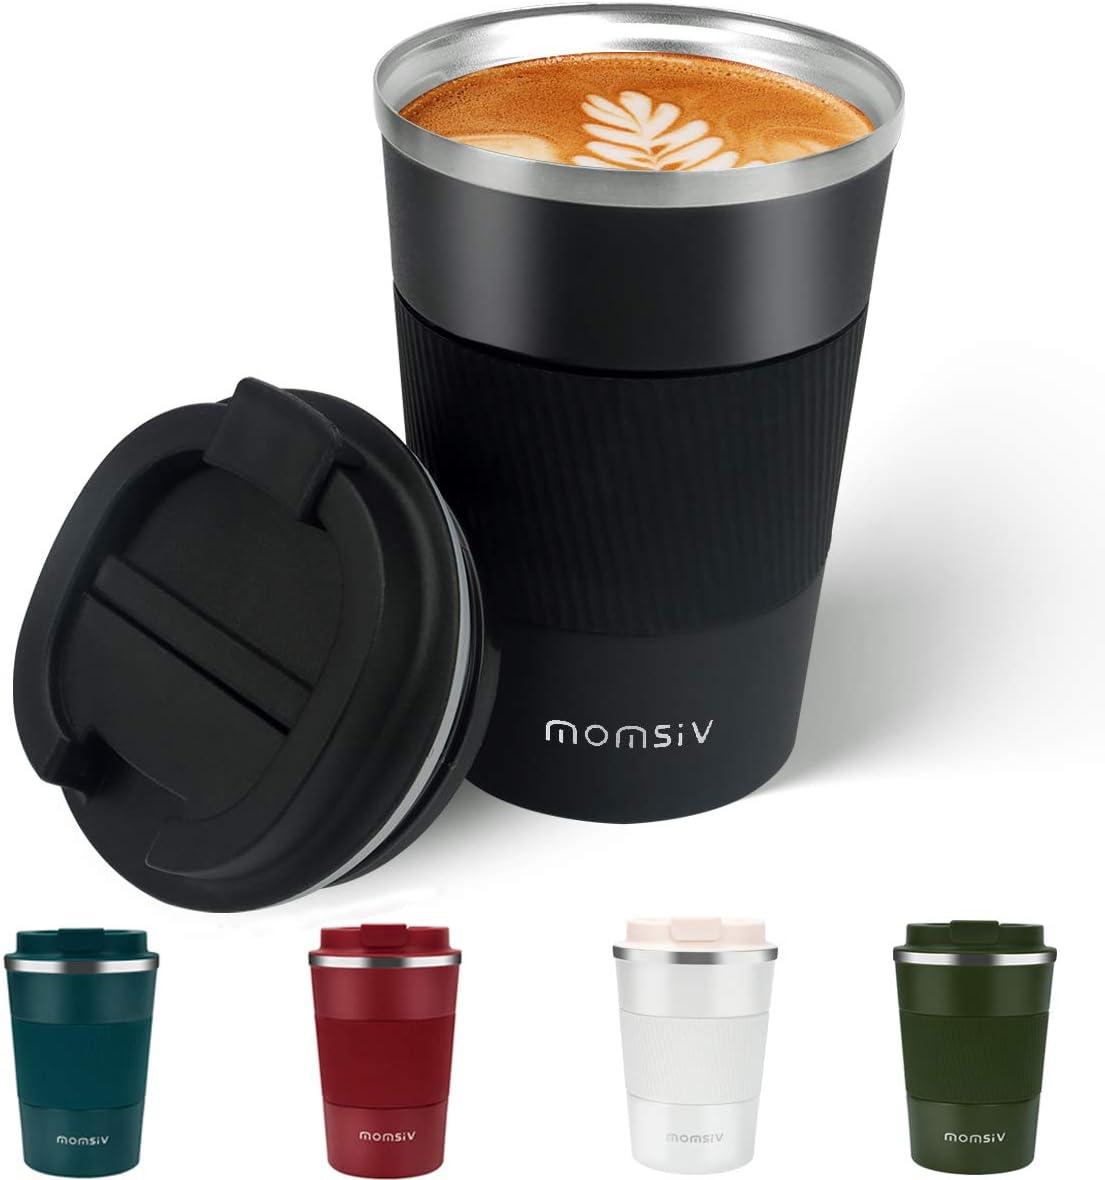 MOMSIV Taza de café, Termo cafe 380ml, Taza termo cafe para llevar de Acero Inoxidable, Tazas dTazas de viaje aisladas con tapa a prueba de fugas, tazas de café reutilizables, taza de café para coche